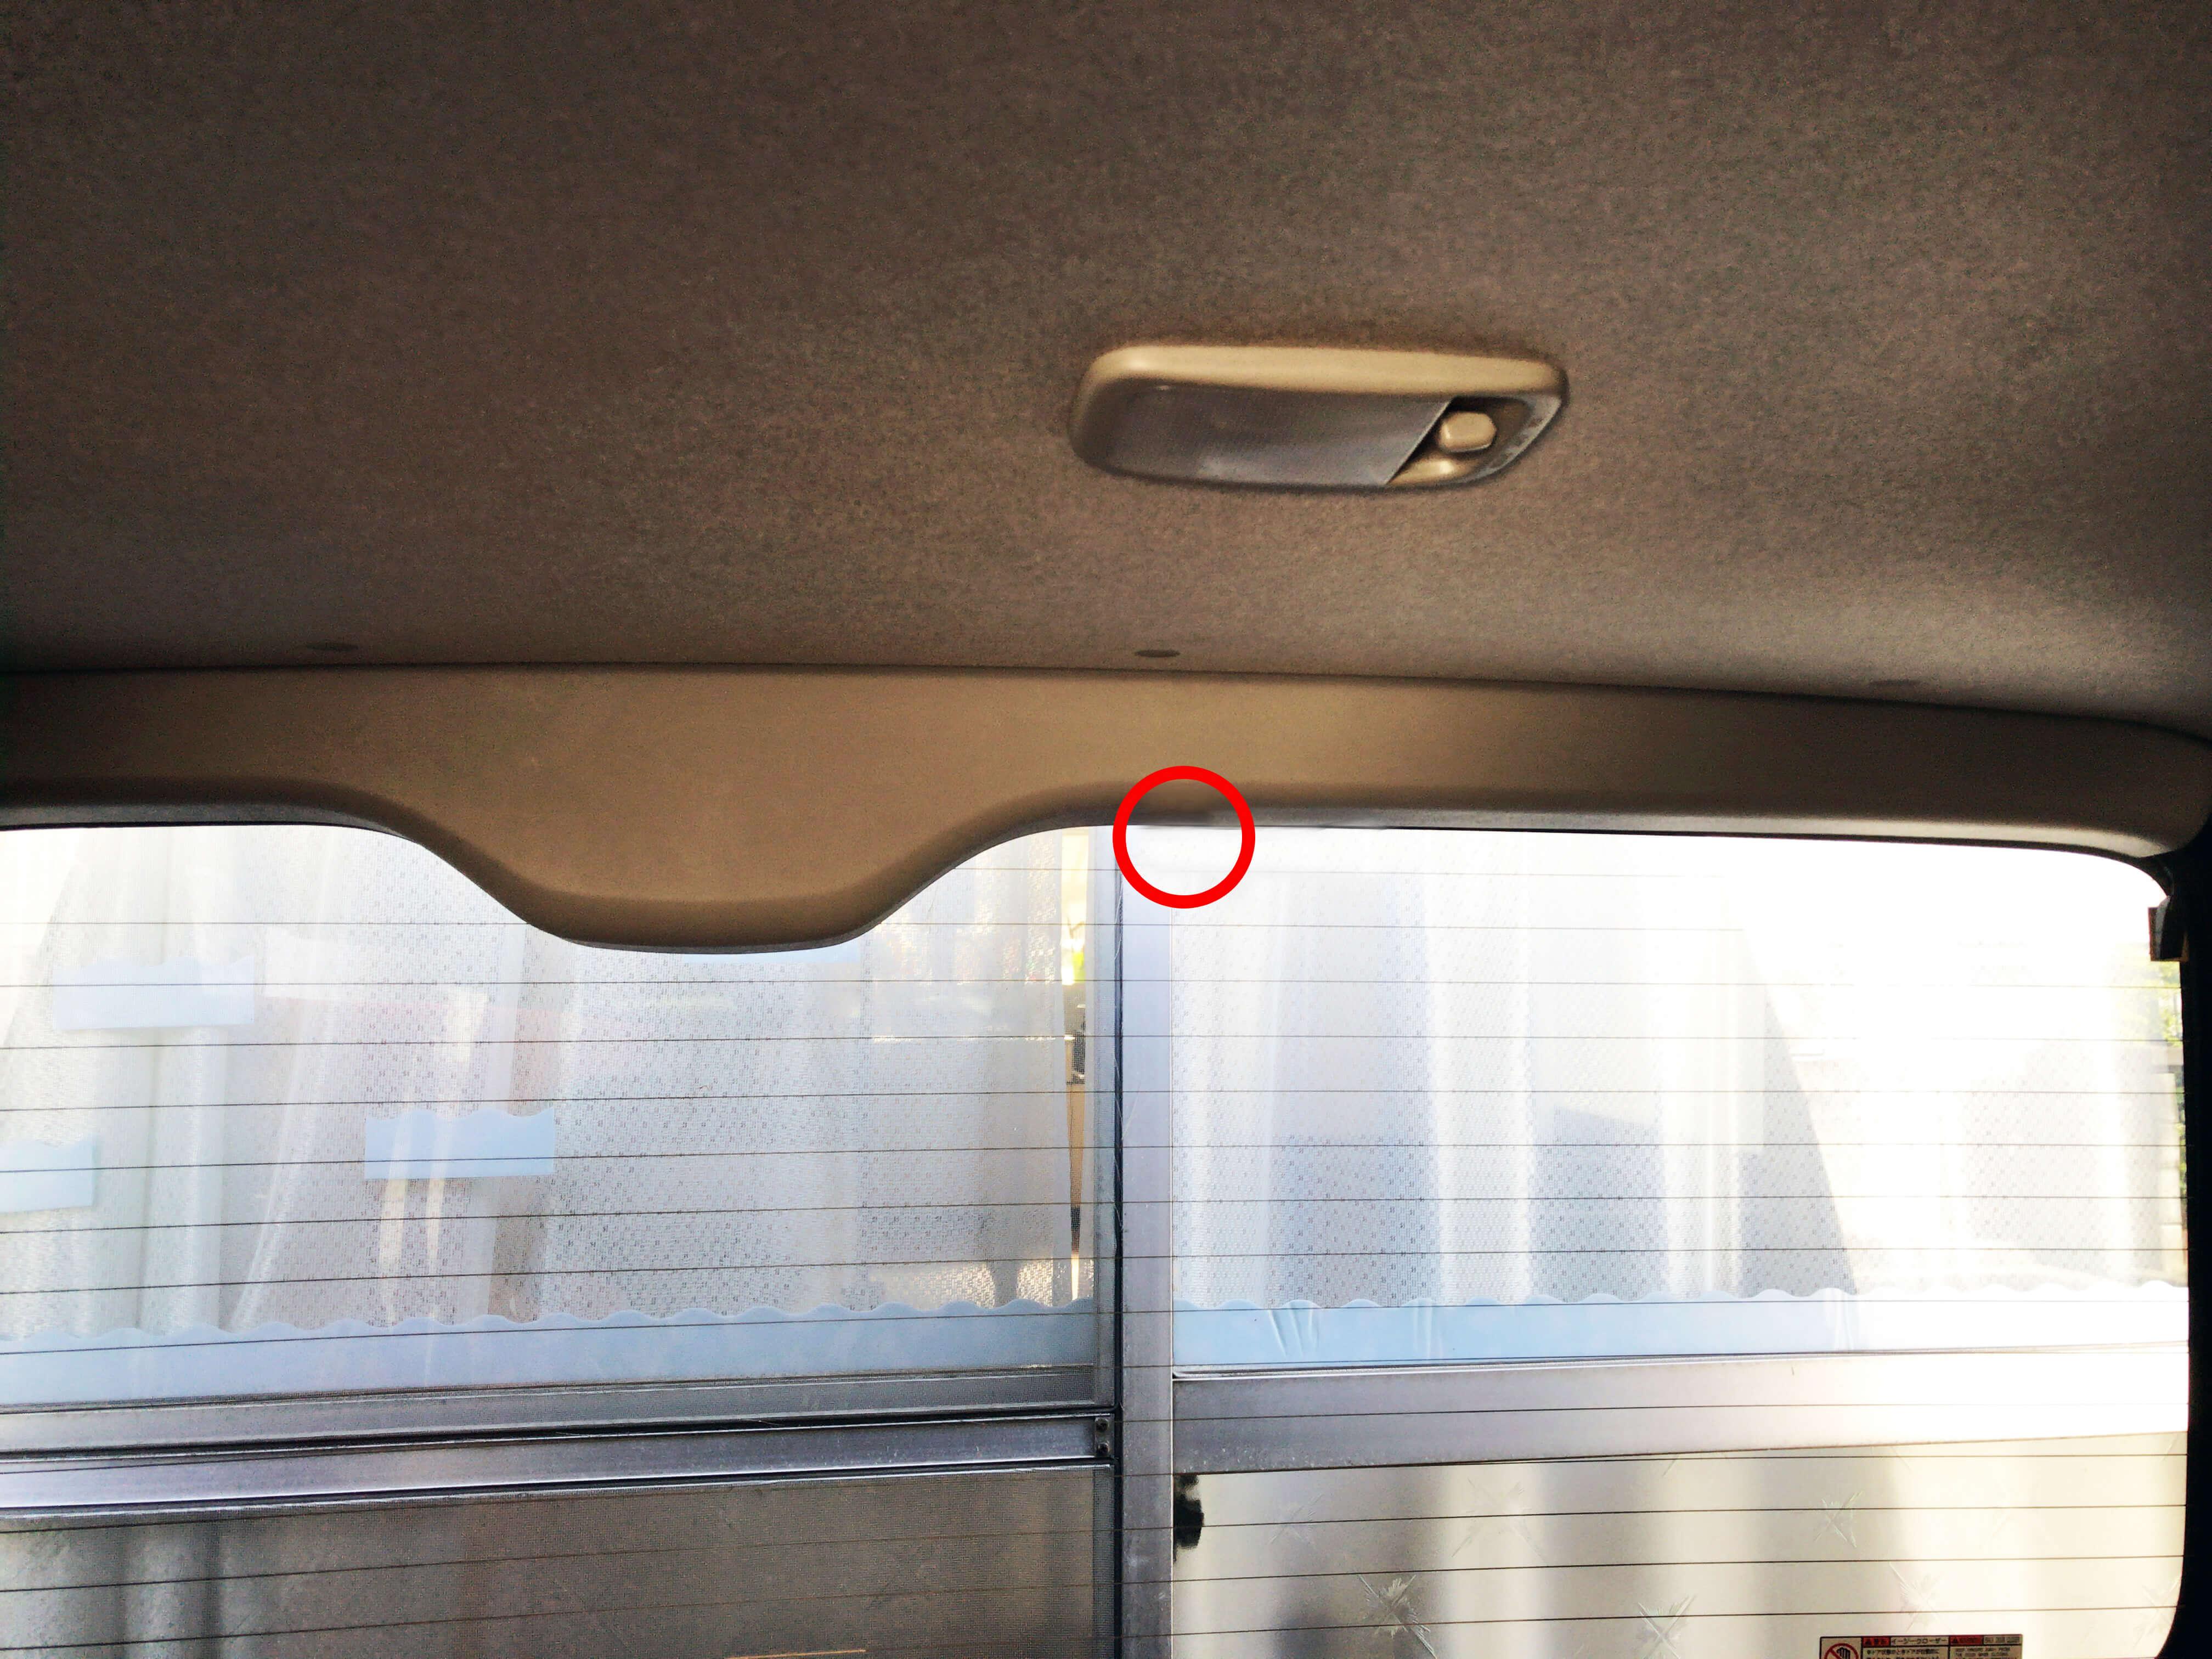 ハイエース車内でリアカメラを取り付け予定の場所